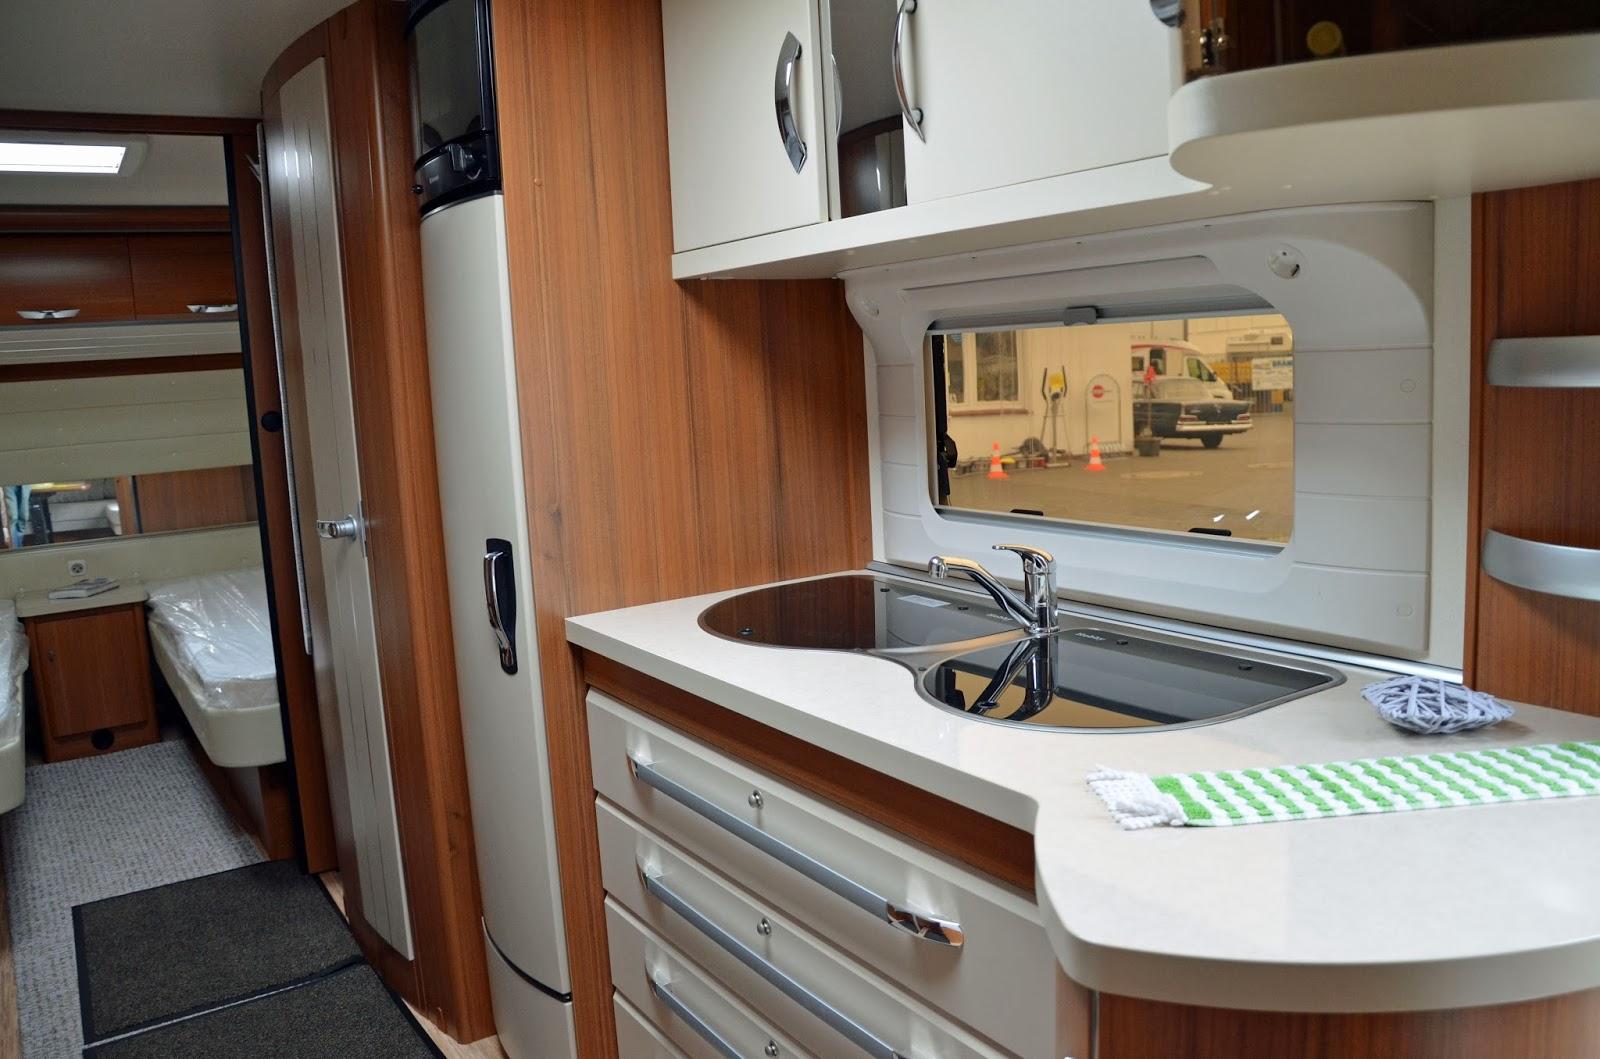 camping im norden hausmesse caravan brandl 16. Black Bedroom Furniture Sets. Home Design Ideas